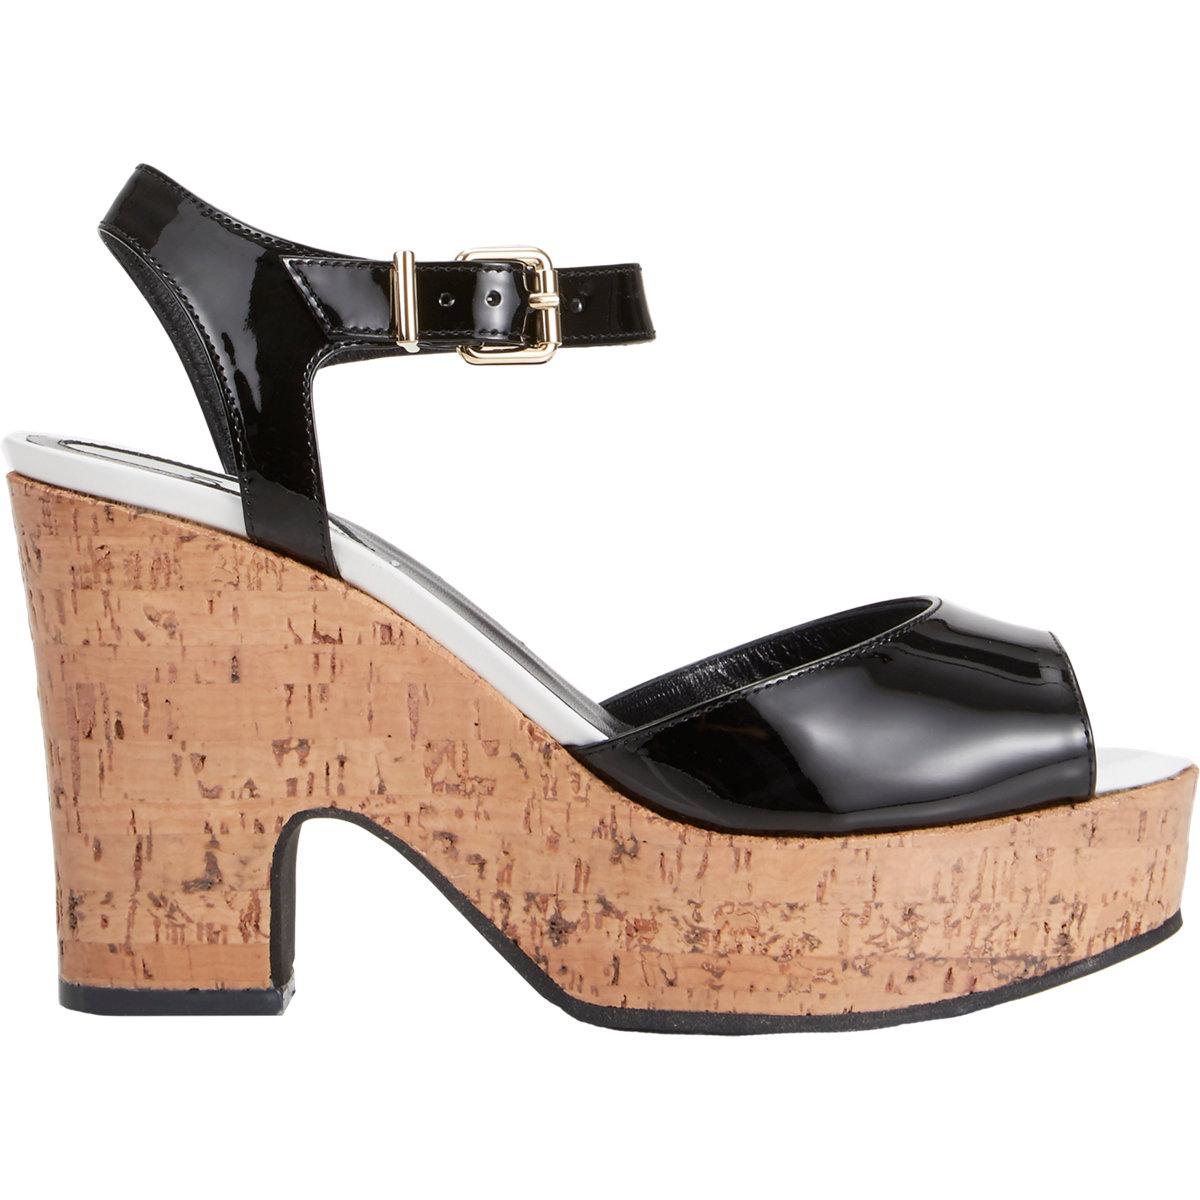 7888a4b5f37 Lyst - Fendi Cecilia Platform Wedge Sandals in Black